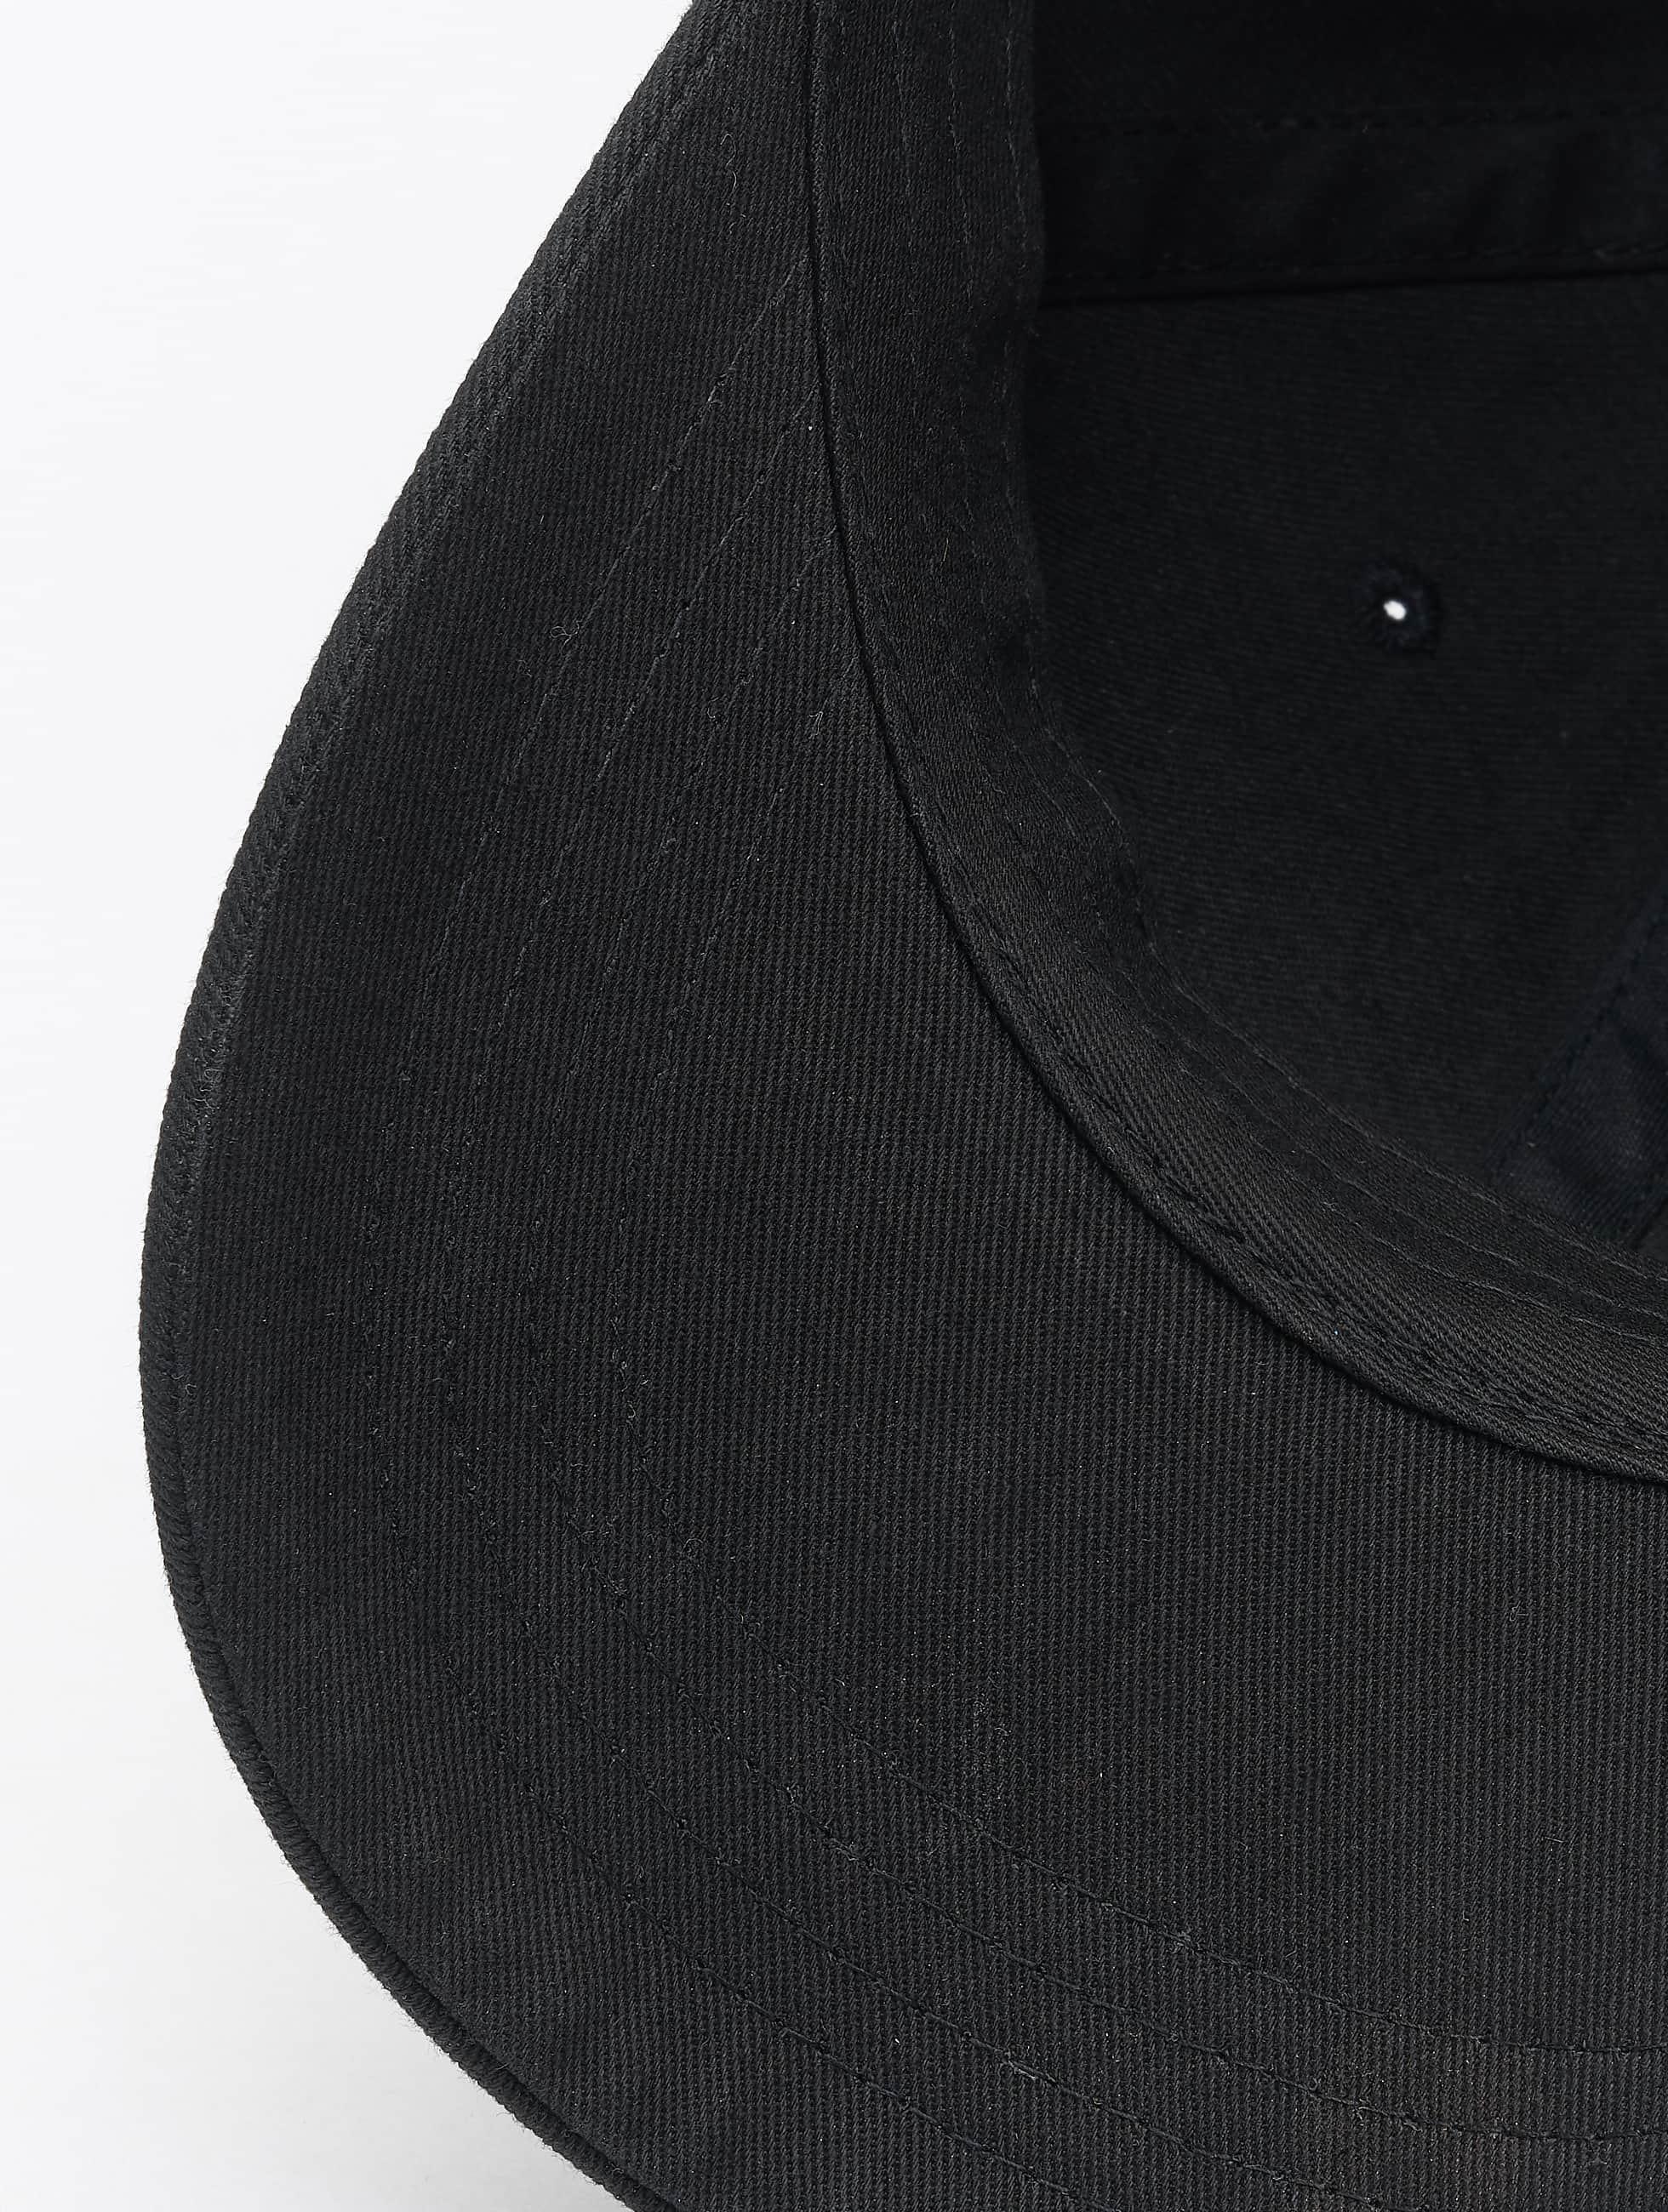 Flexfit Casquette Snapback & Strapback Low Profile Cotton Twill noir